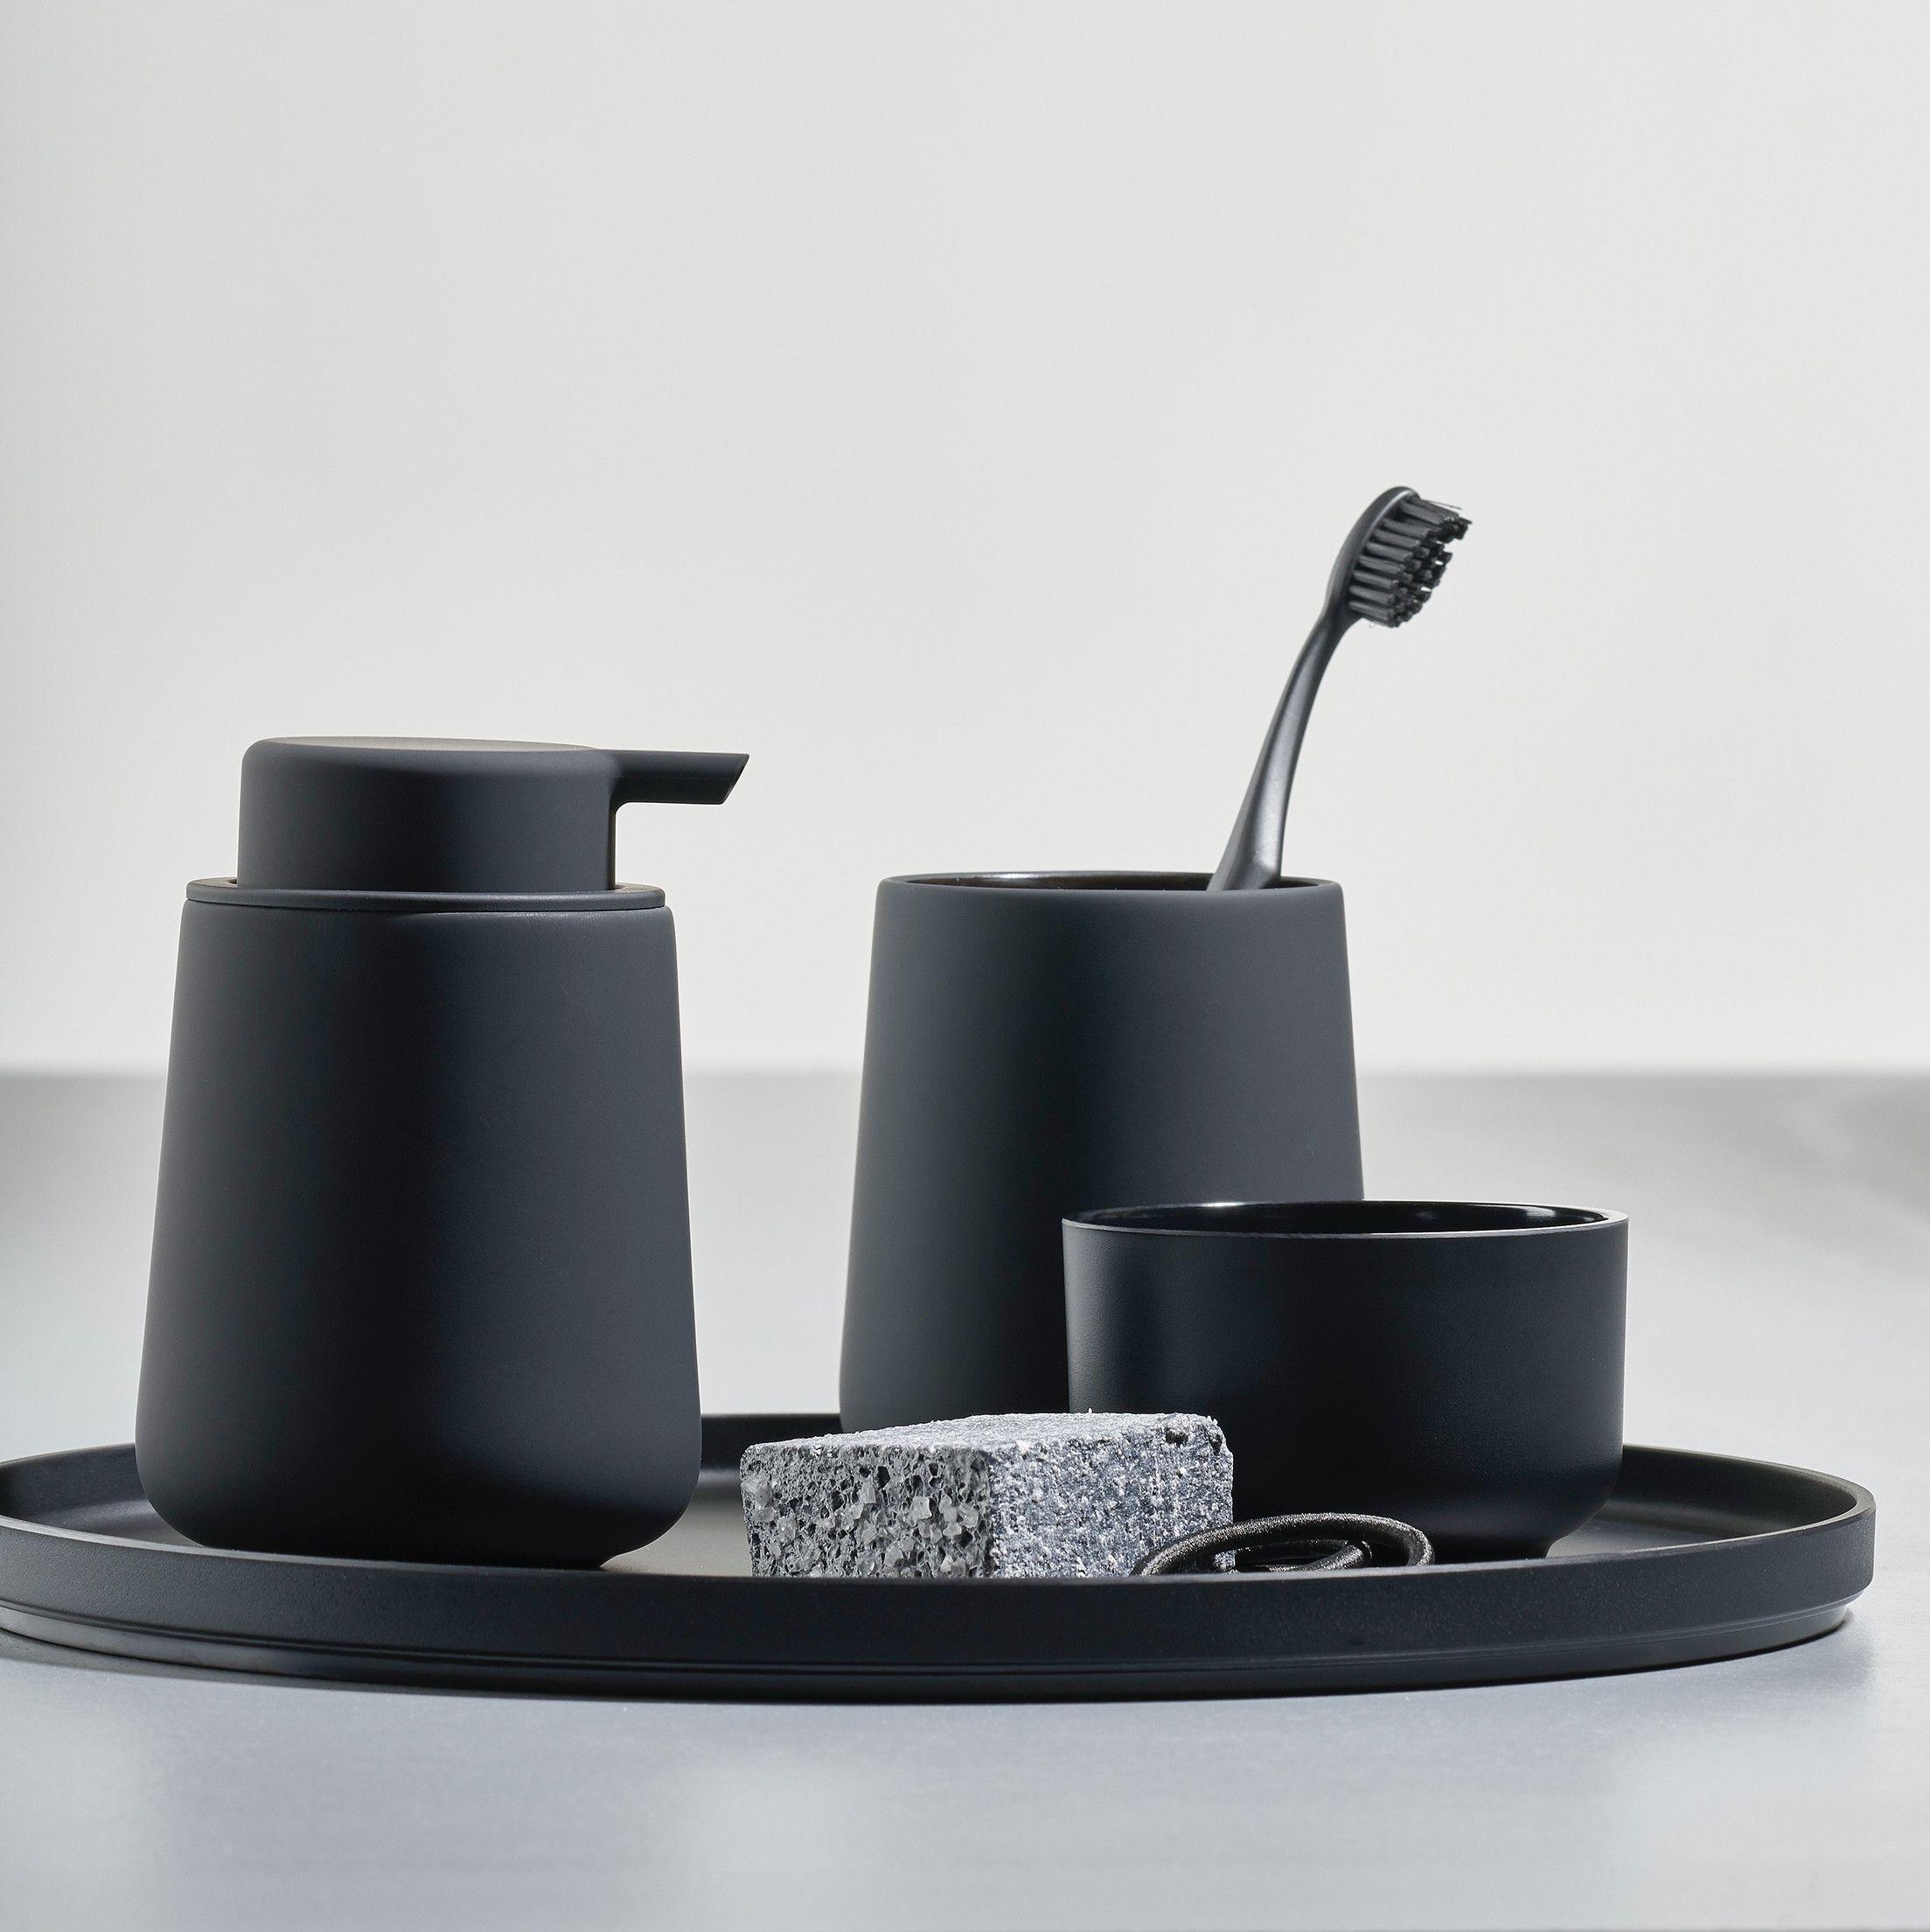 Zone Denmark Nova One Soap Dispenser Matte Black Matte Black Bathroom Accessories Black Bathroom Accessories Scandinavian Bathroom Accessories